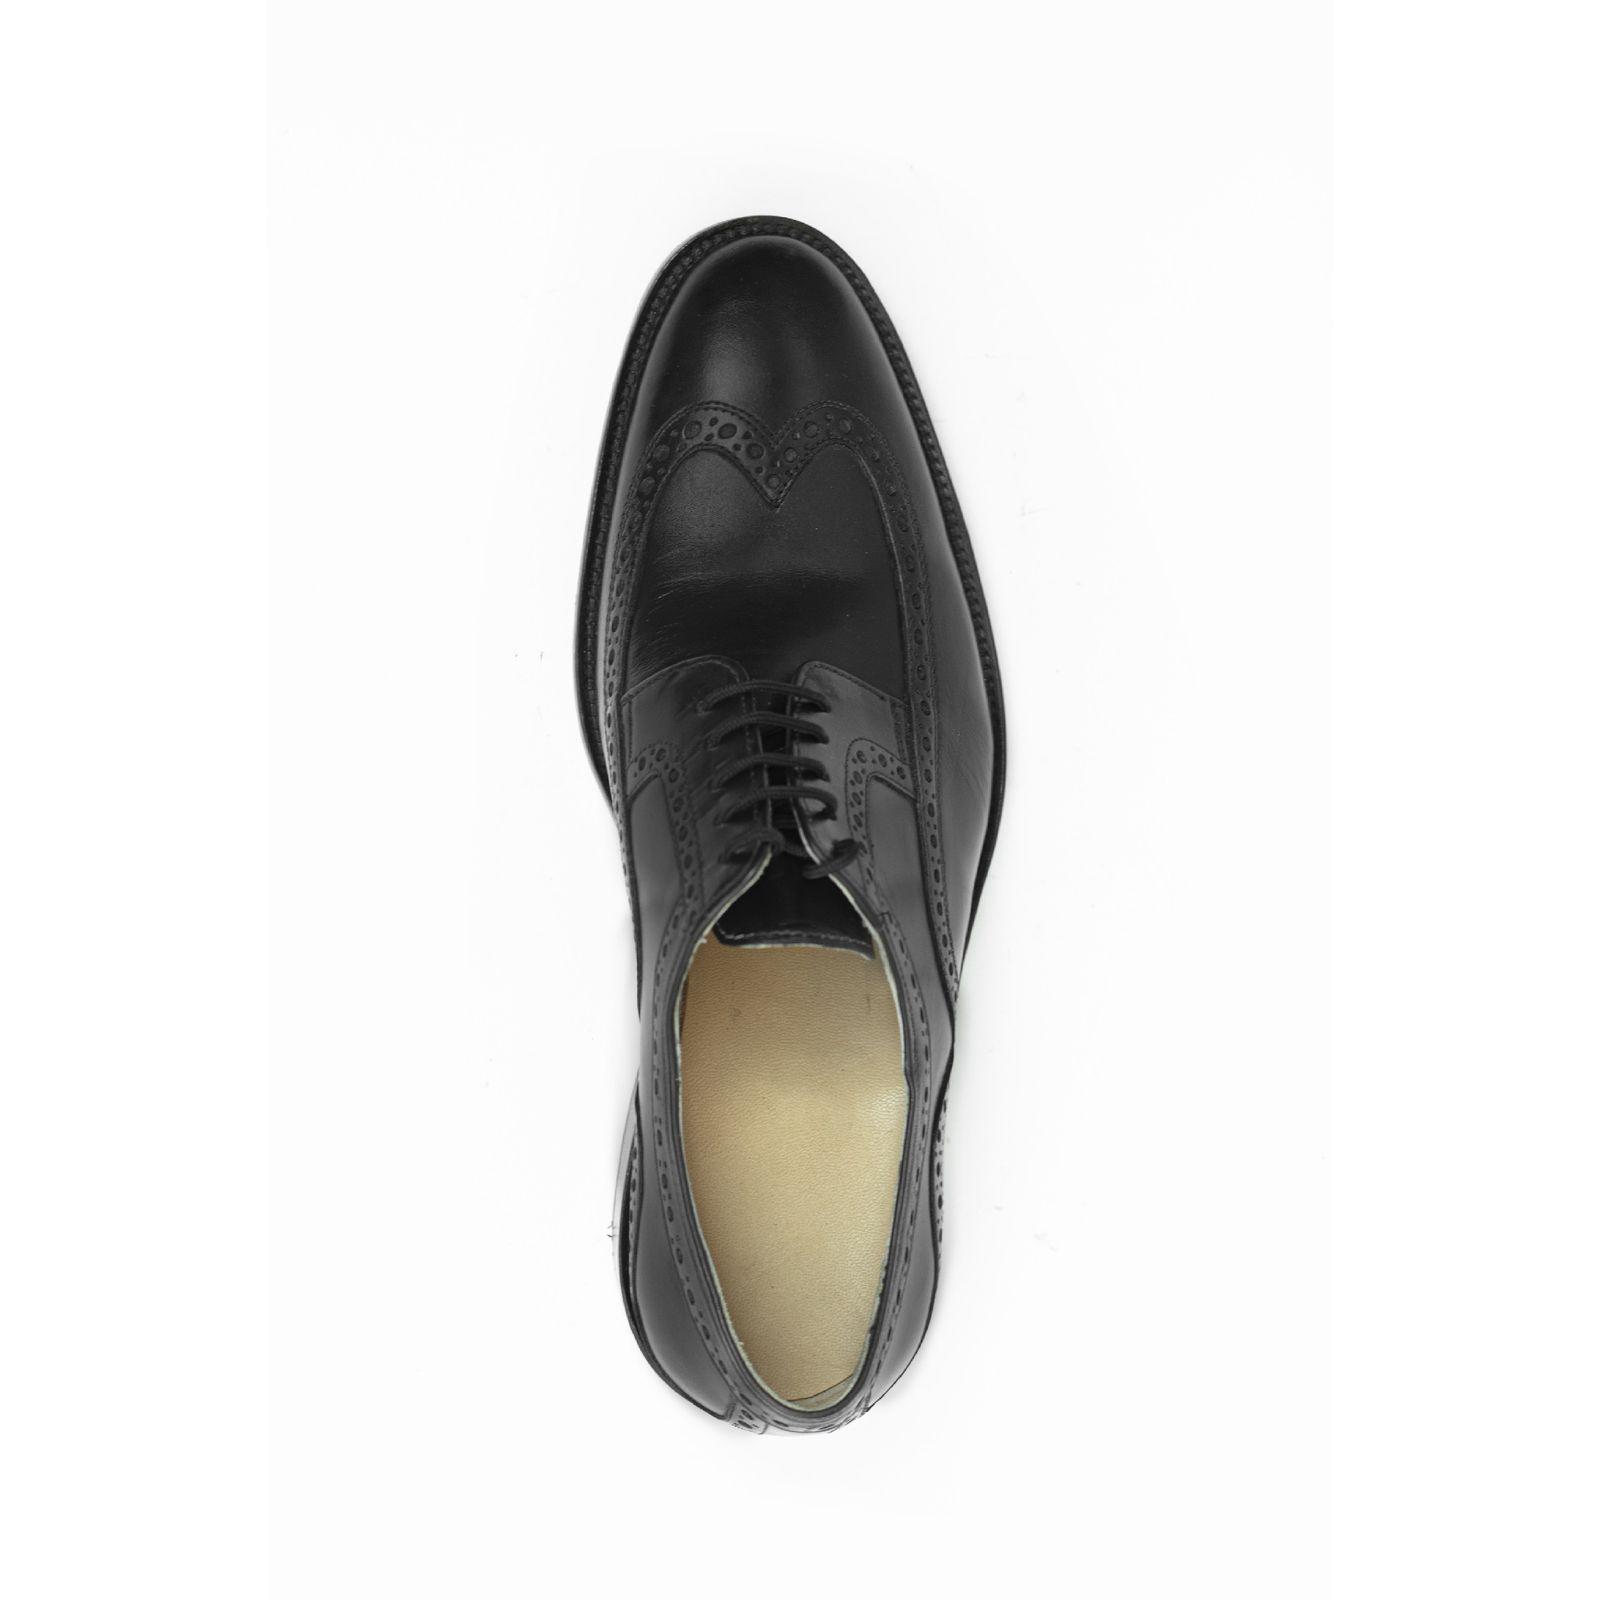 کفش مردانه کد 1034 -  - 1